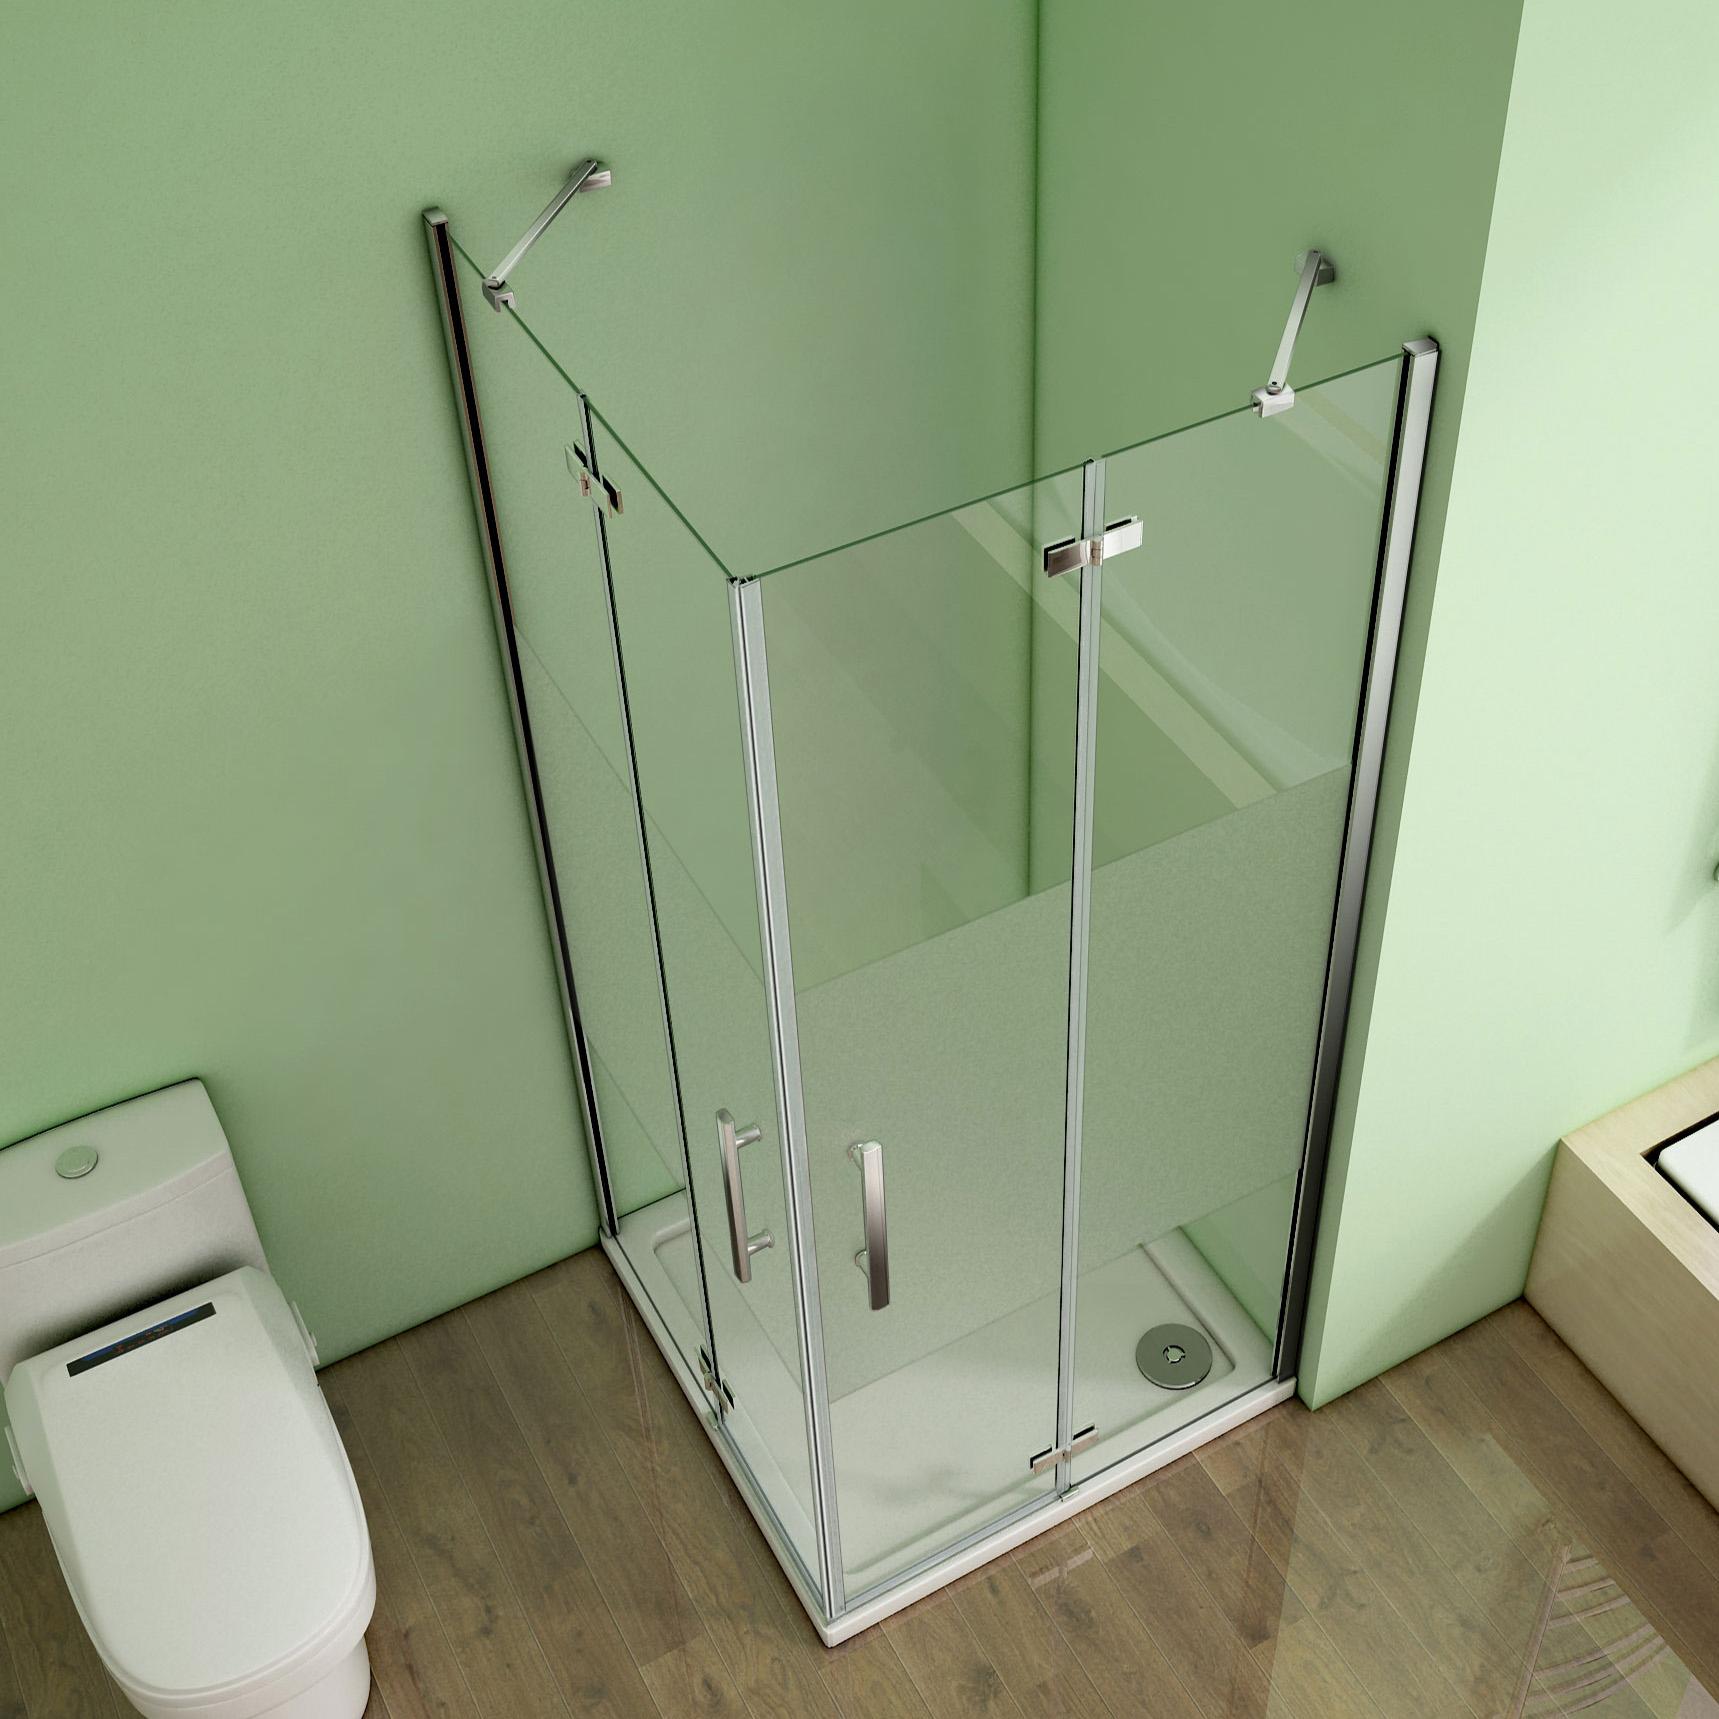 Duschkabine Duschabtrennung Scharniertür NANO Milchglas Eckeinstieg Dusche HS